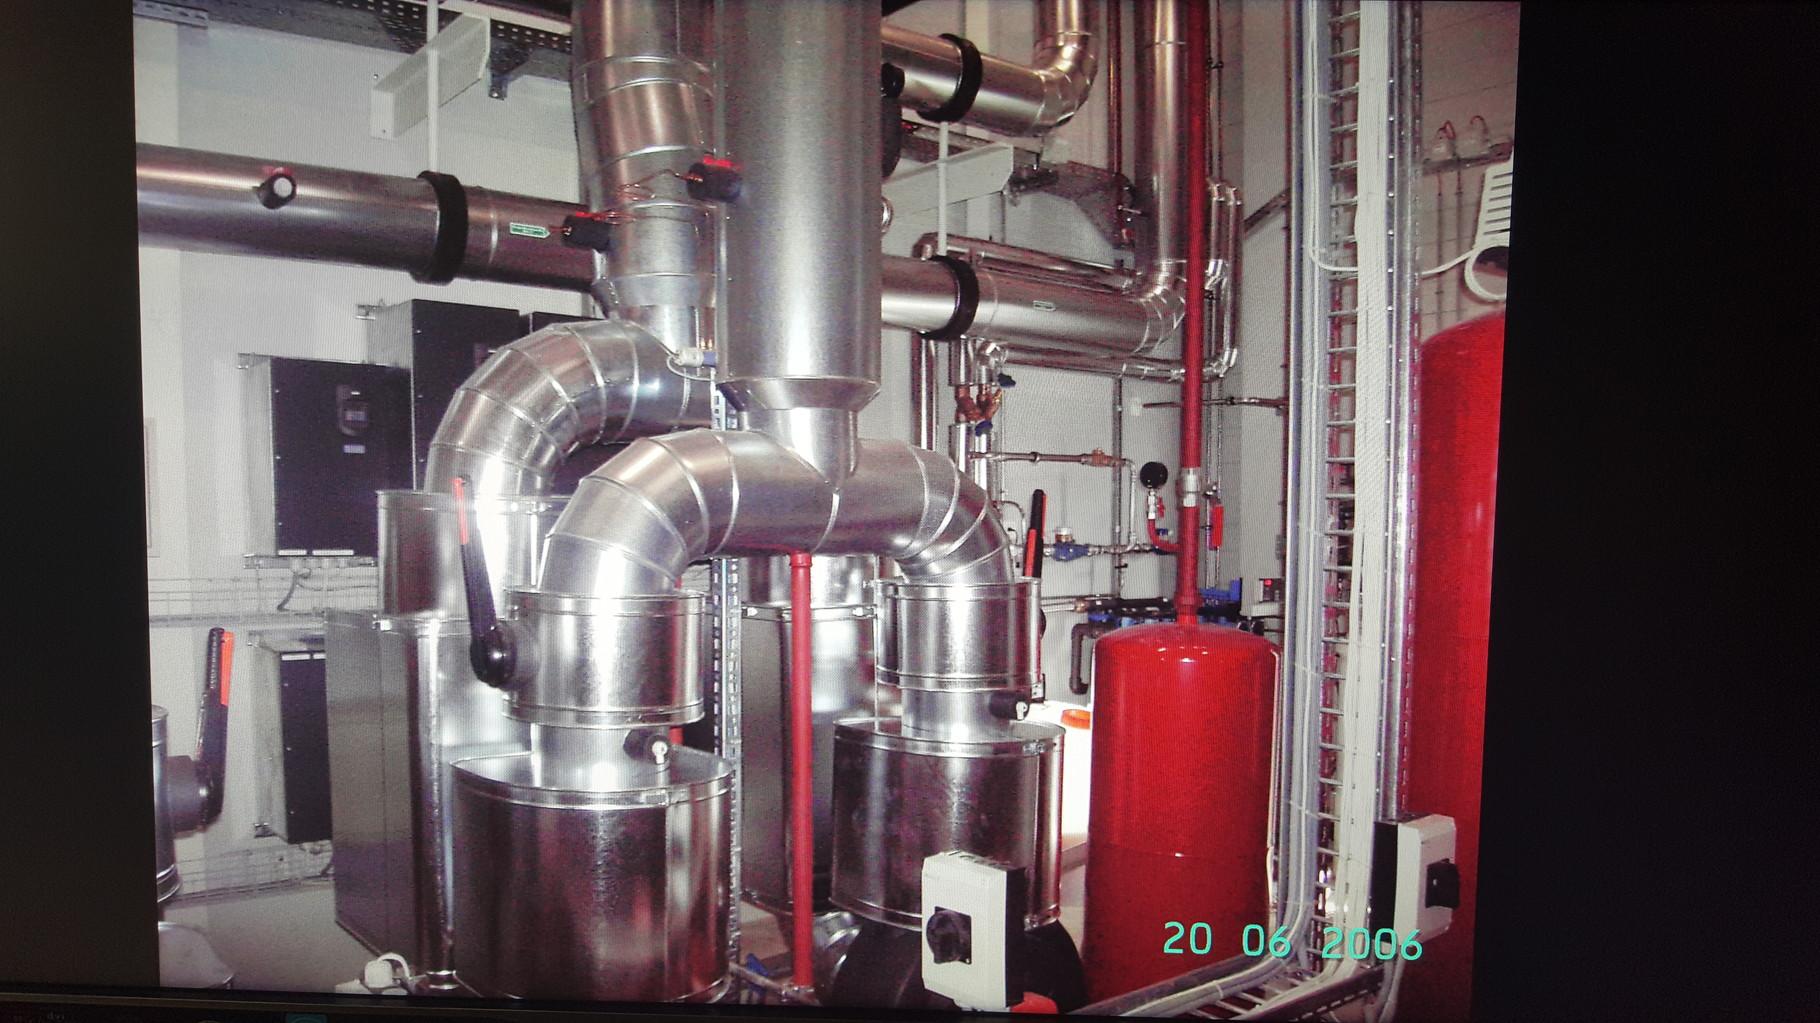 Heizkesselanlage, Ventile und Absperrklappen wärmegedämmt und Umhüllung aus verzinktem Eisenblech